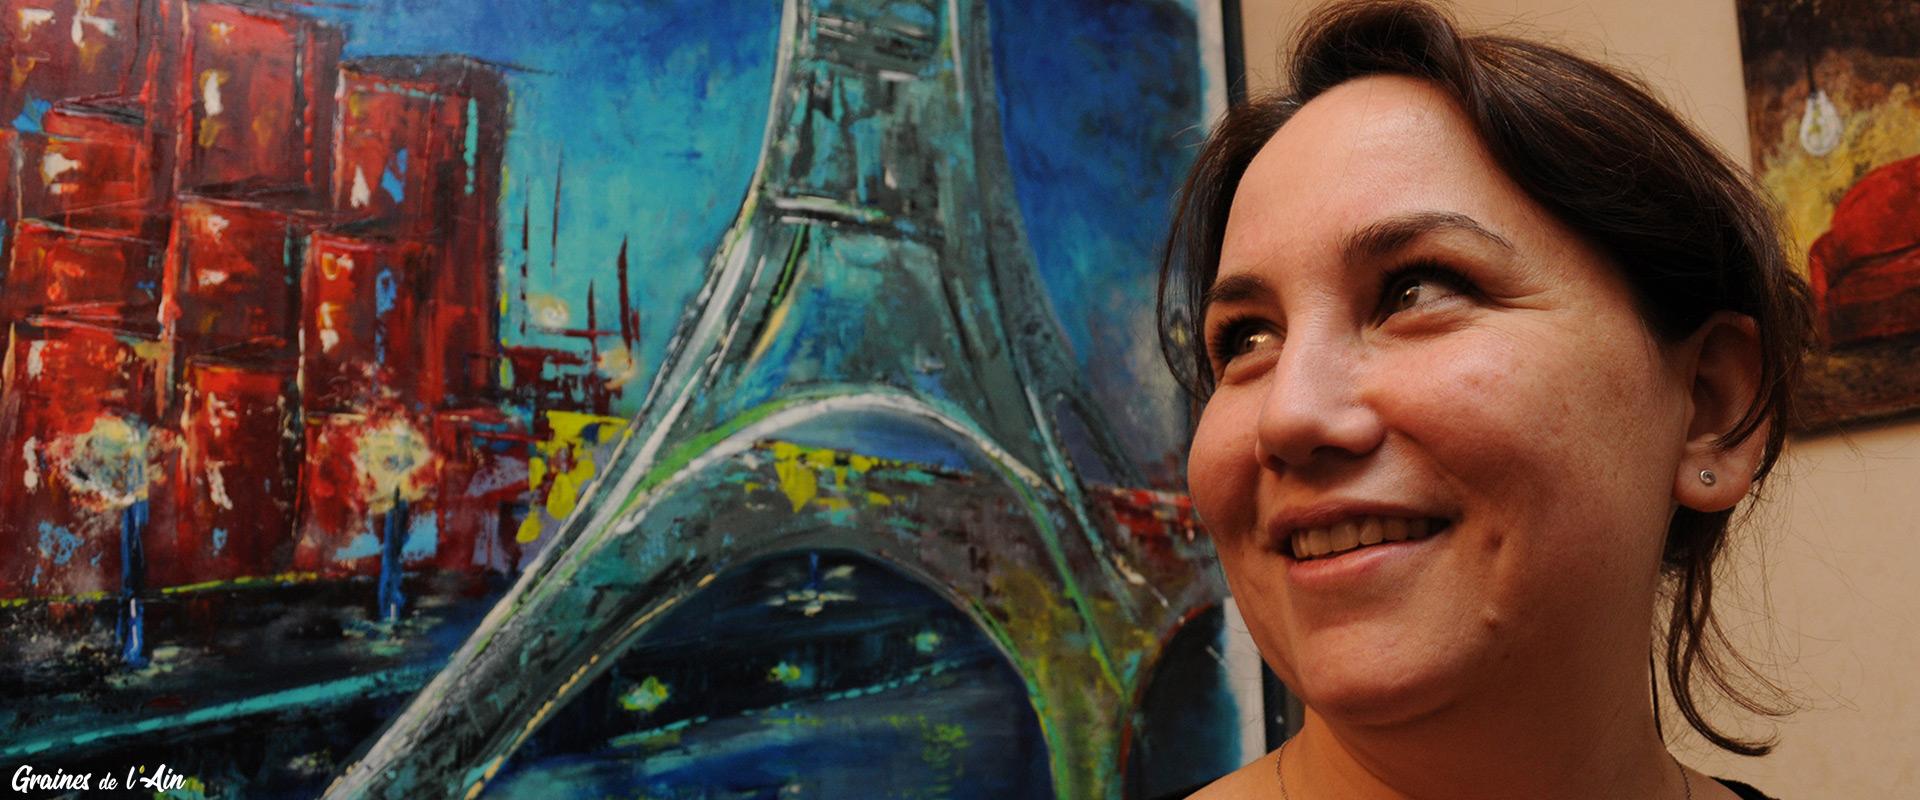 Cath'M artiste peintre - Graines de l'Ain